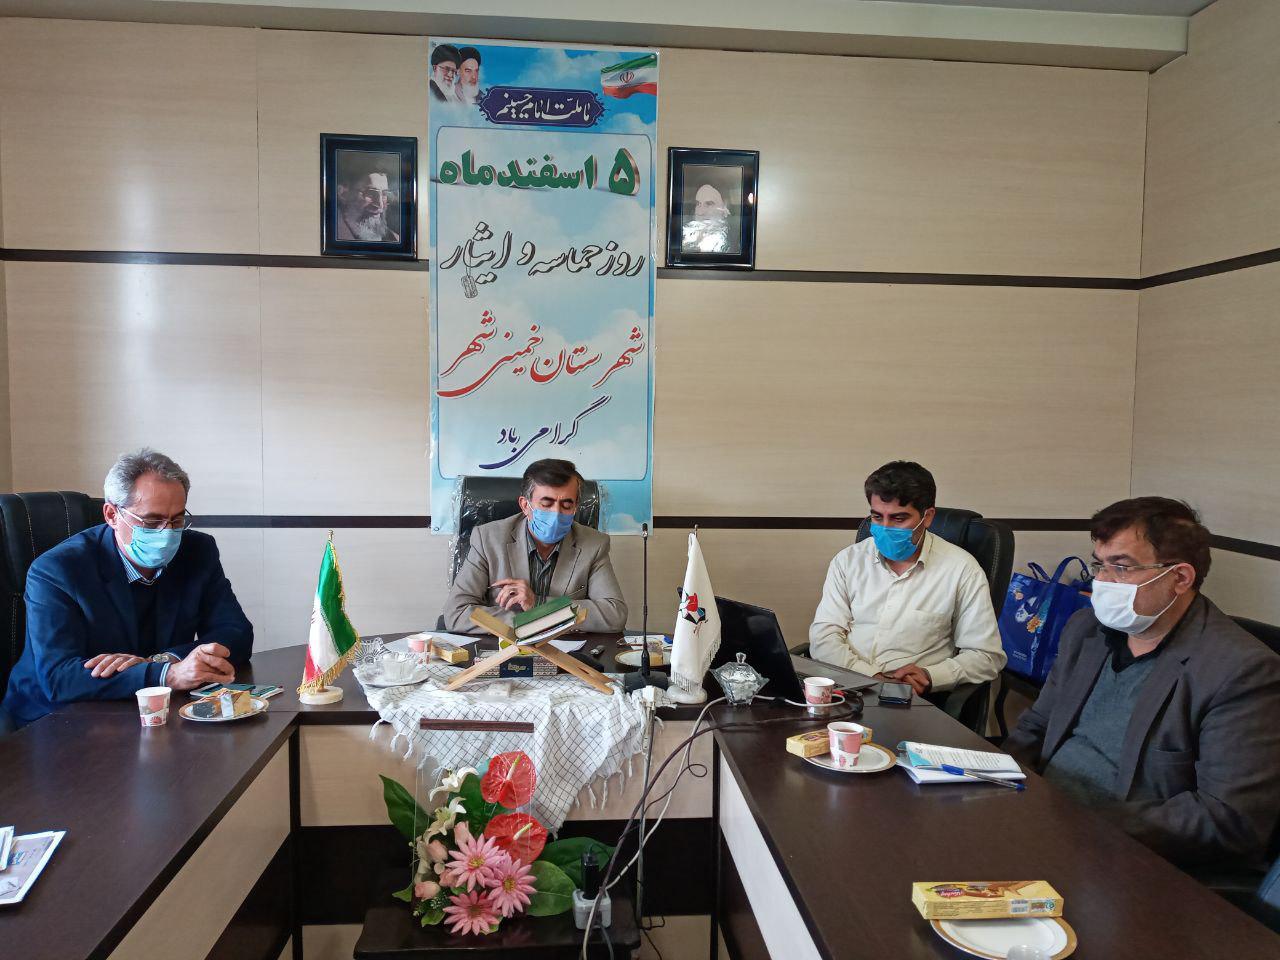 بنیاد شهید خمینی شهر